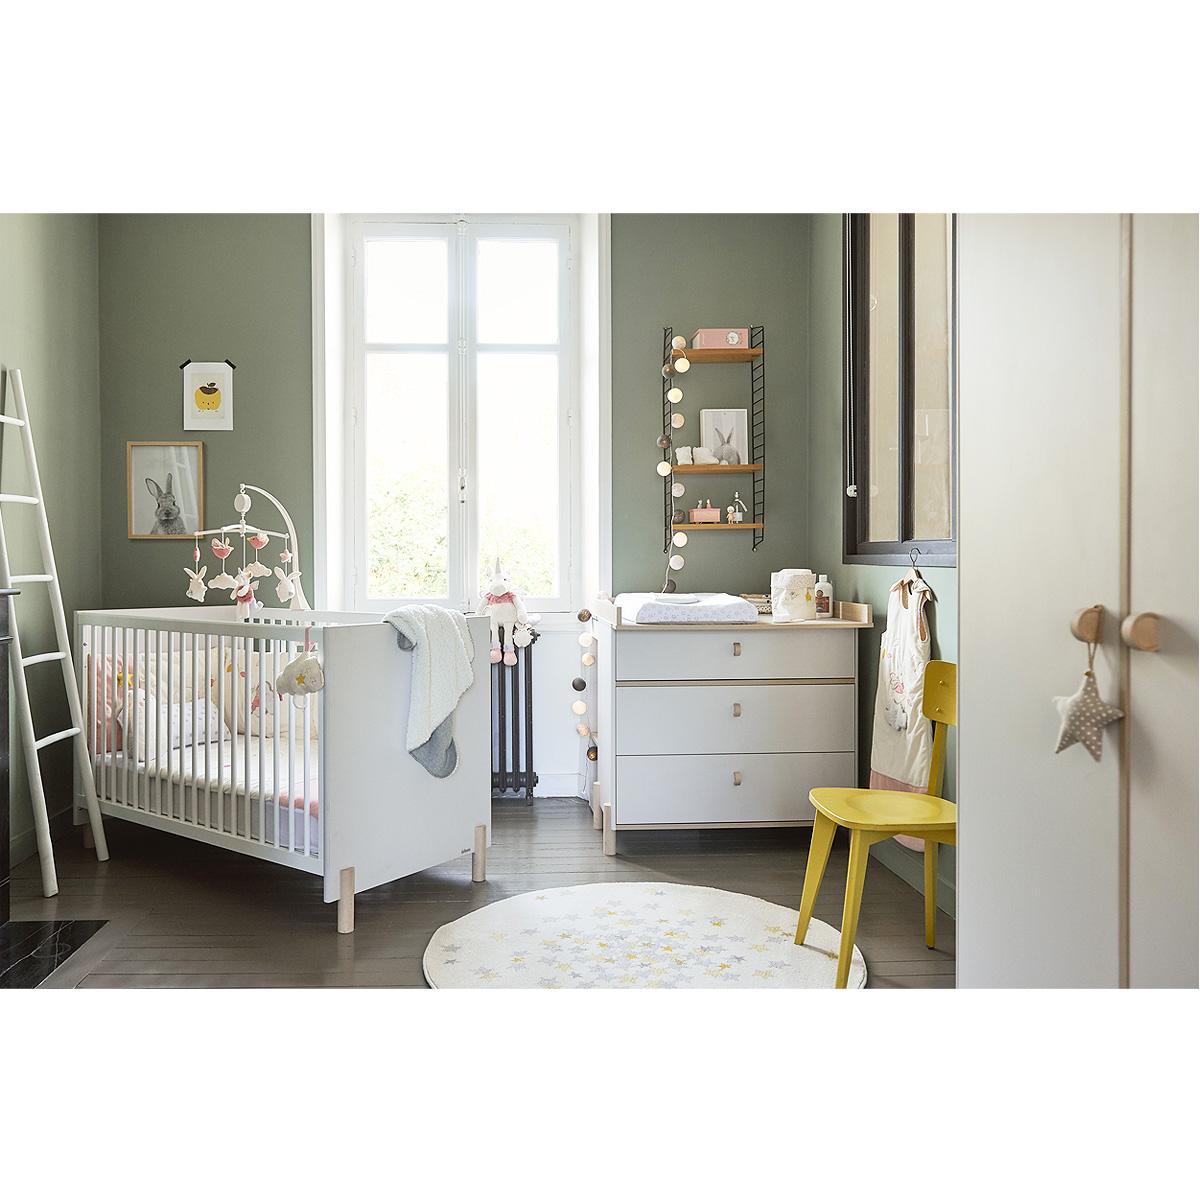 Chambre complète lit évolutif 70x140 - commode à langer - armoire 2 portes Galipette Eliott - Gris bois